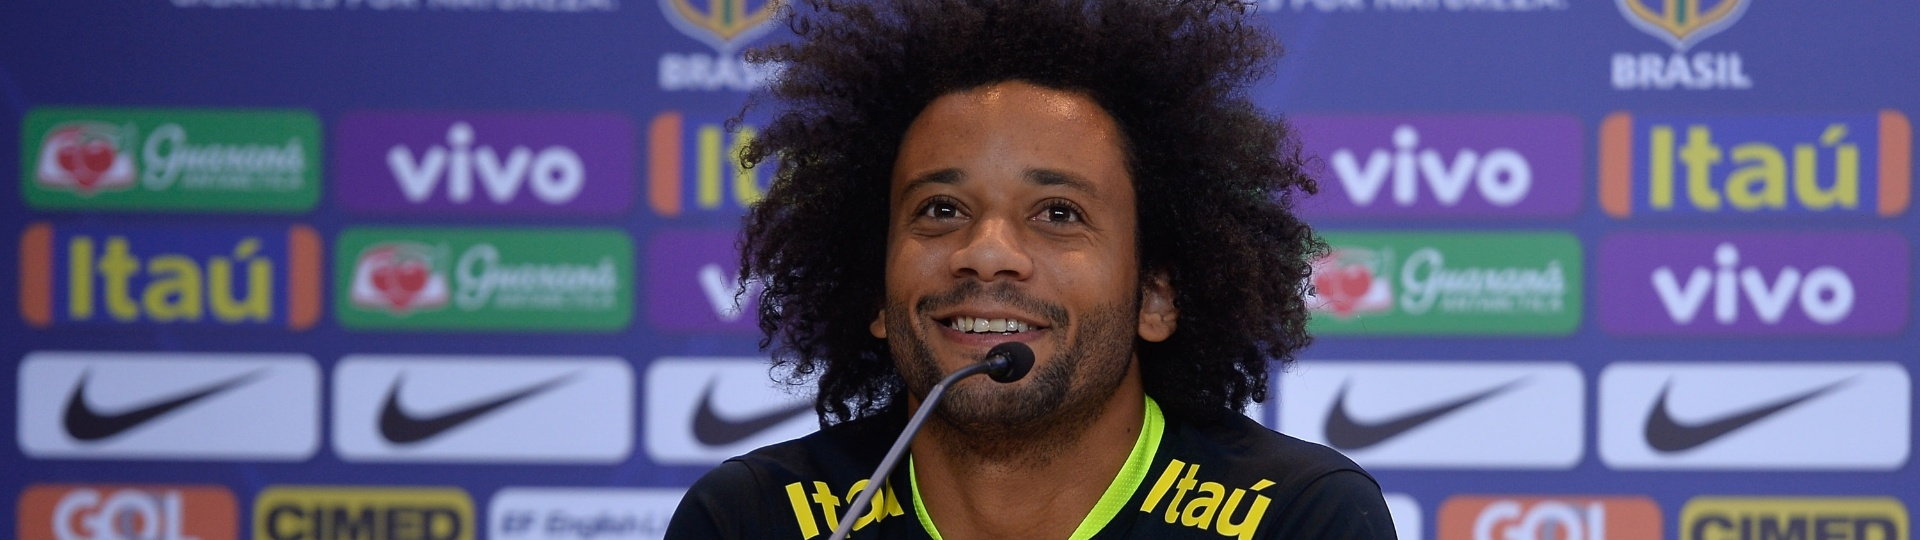 Marcelo, durante entrevista coletiva pela seleção brasileira